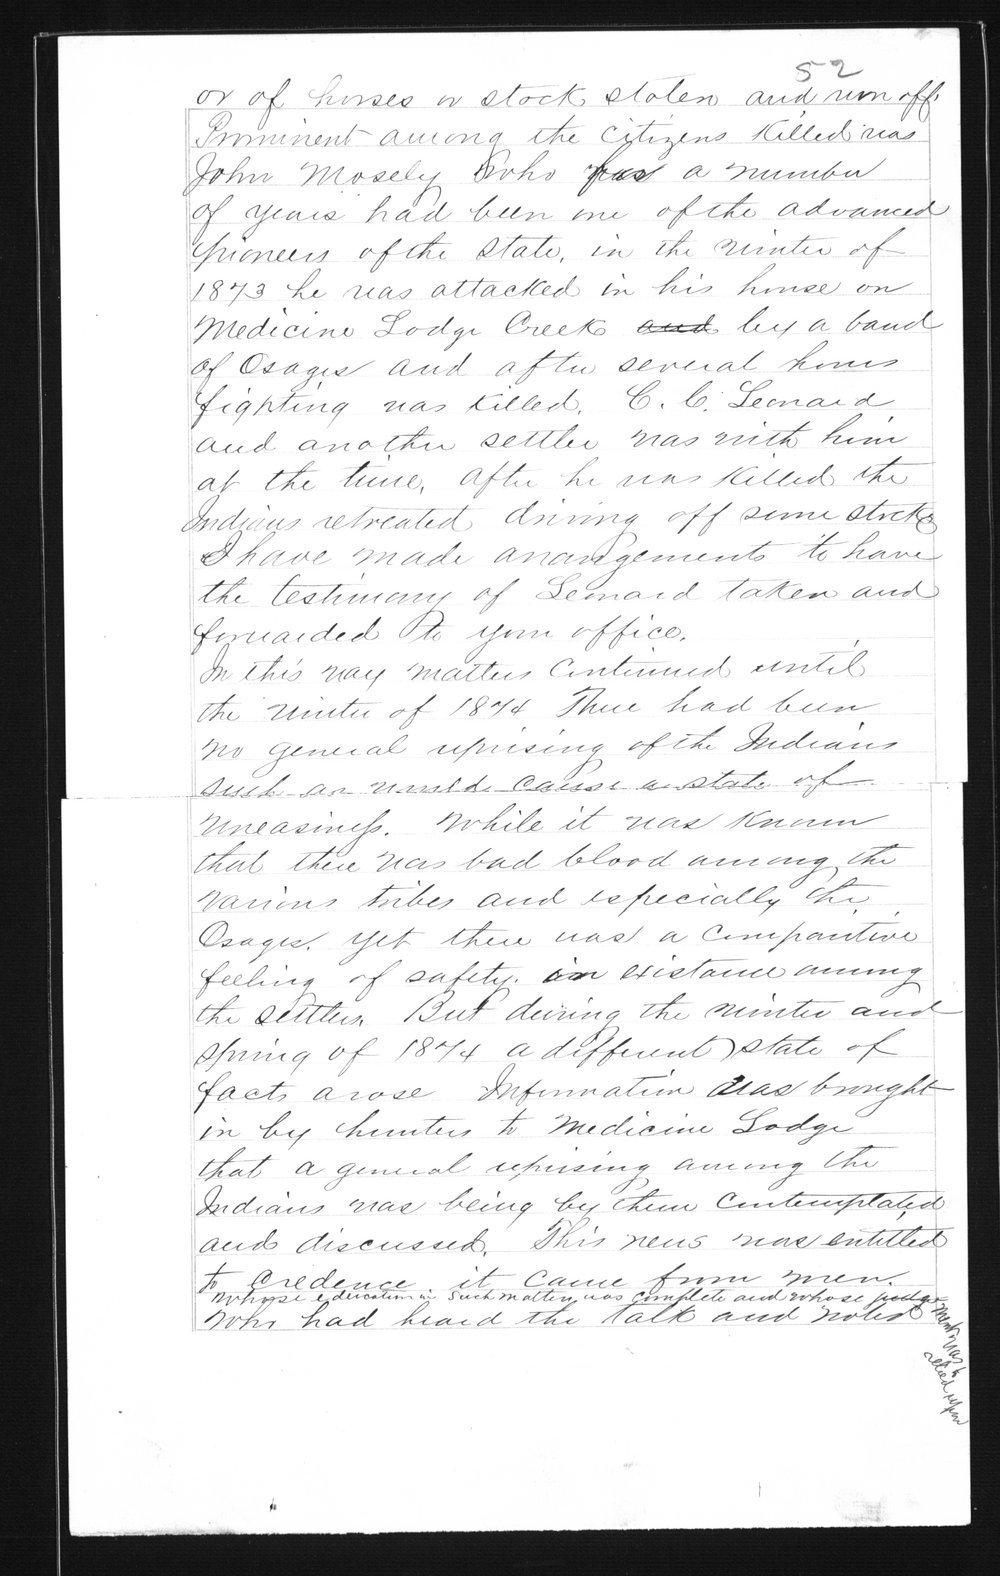 Captain Lewis Hanback's final report - 52